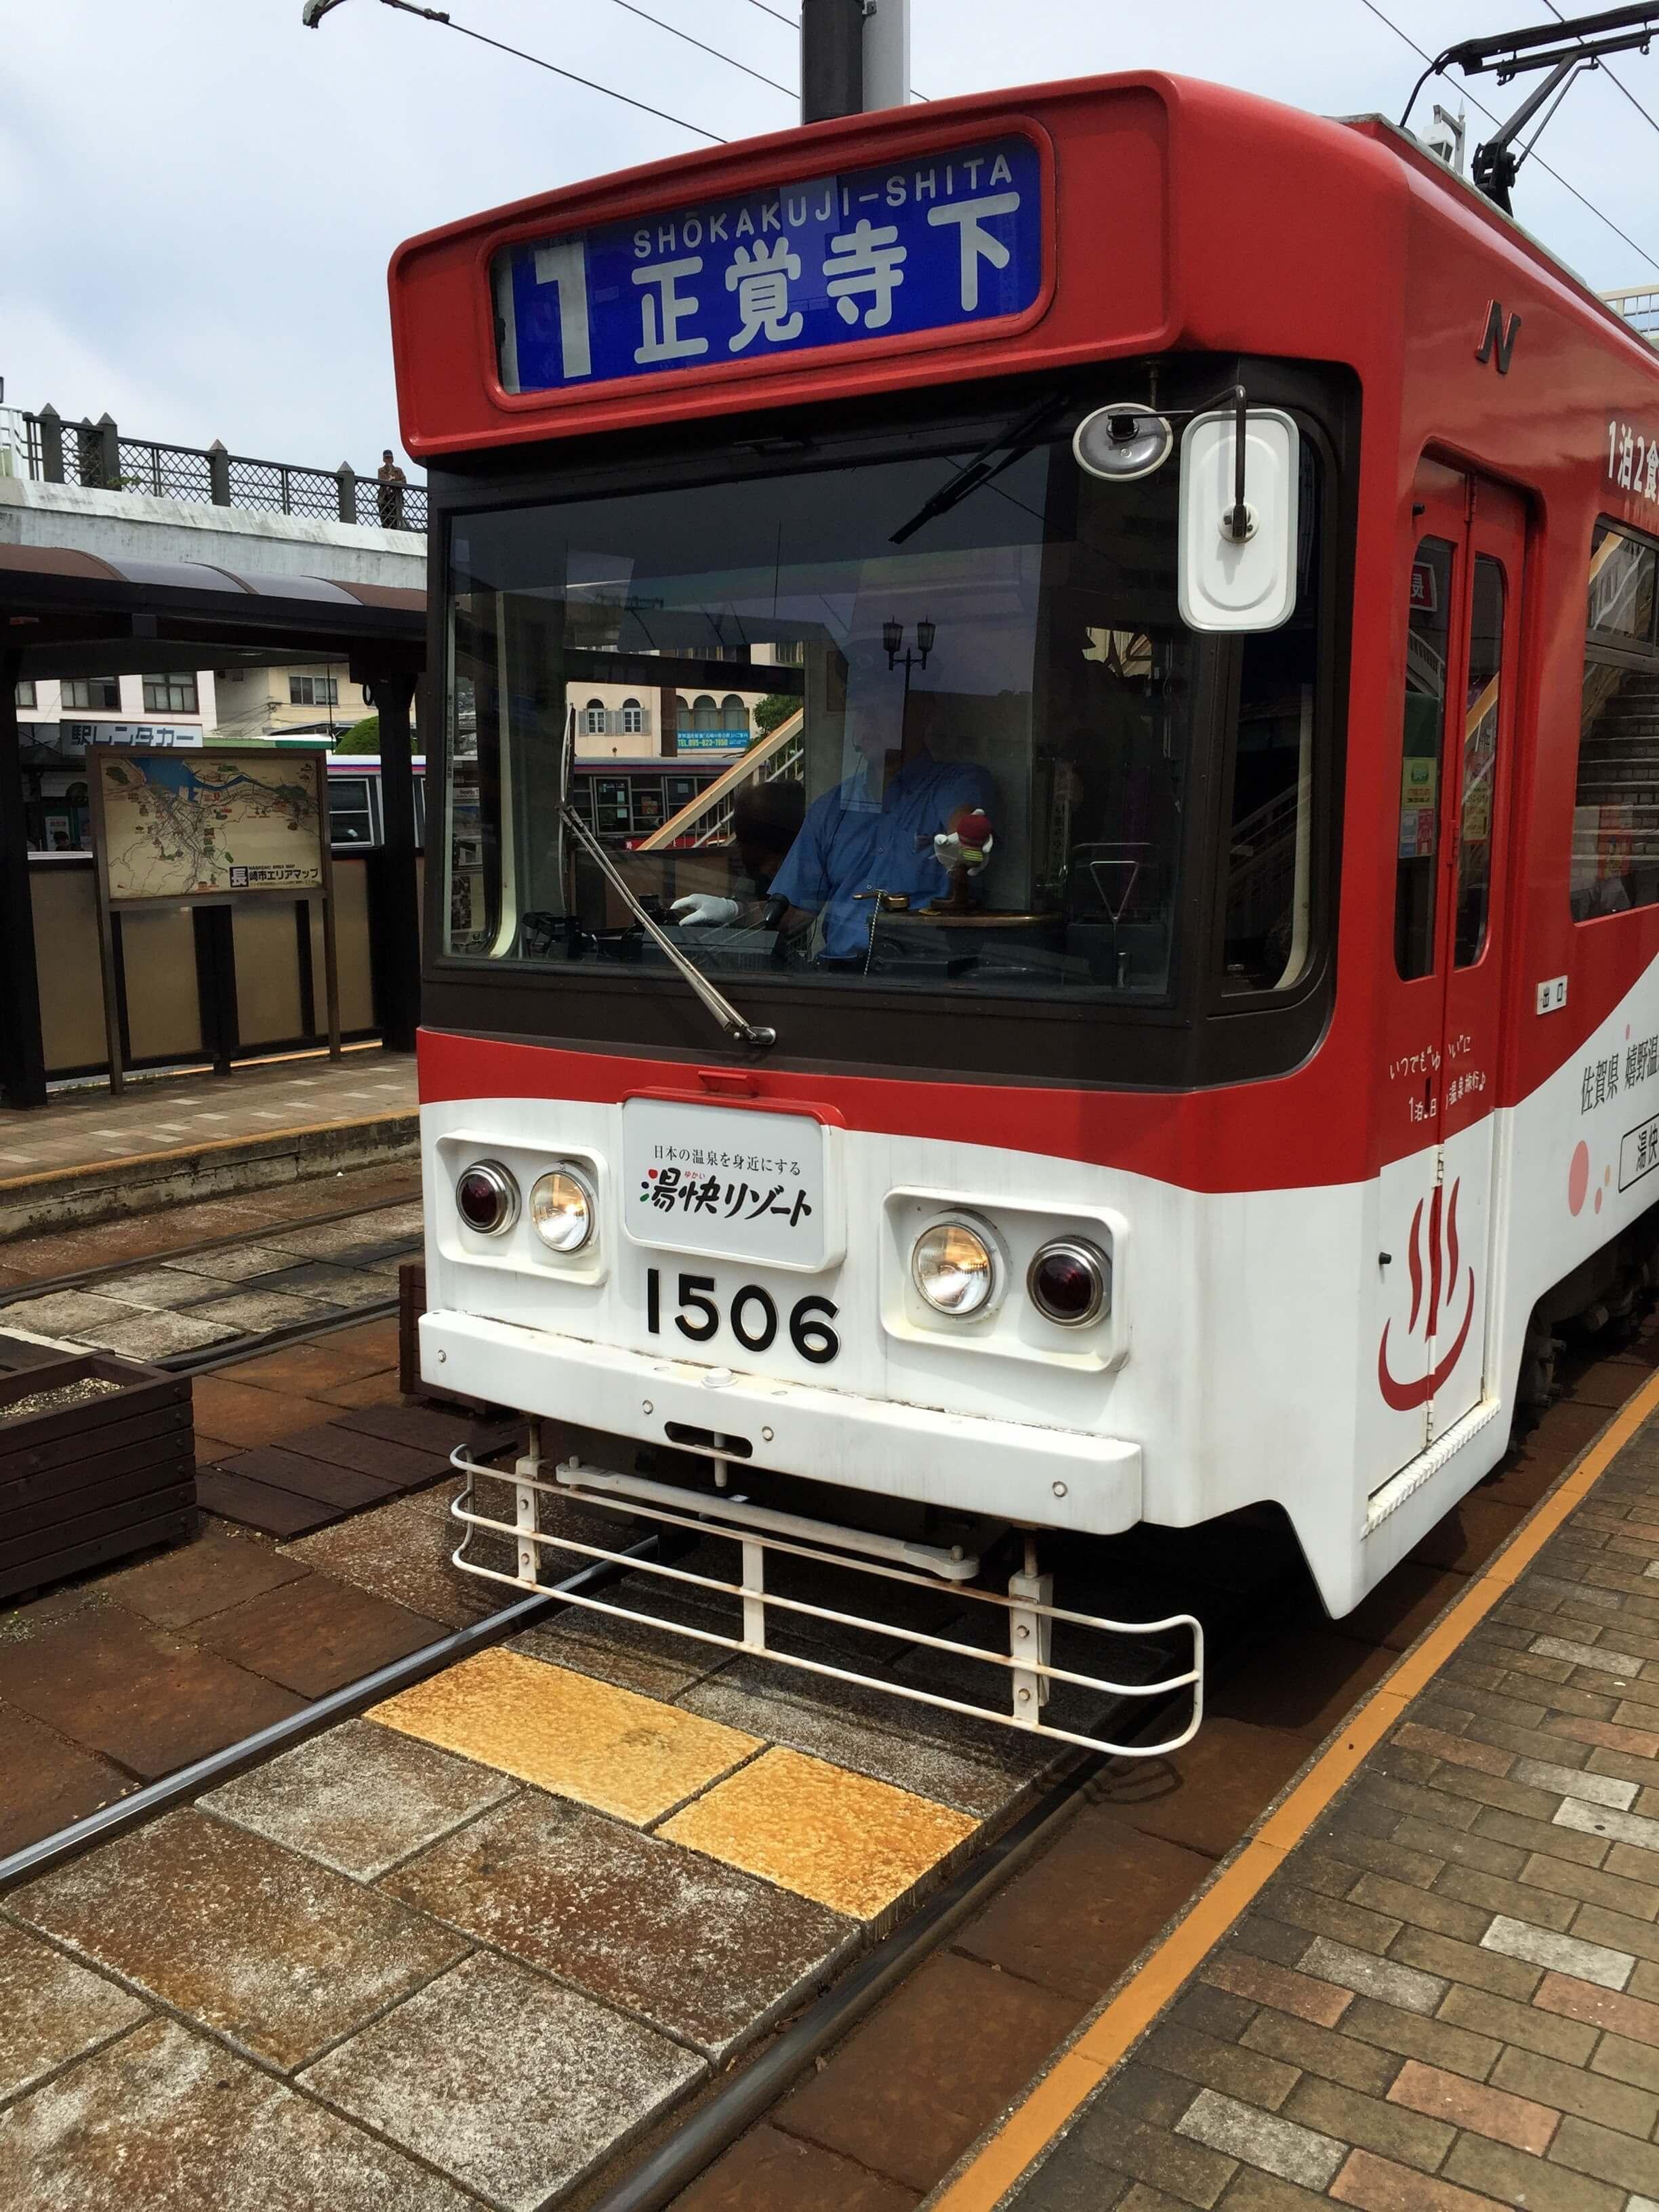 長崎路面電車長這樣,透過顏色分路線,車頭上面註明前往方向。